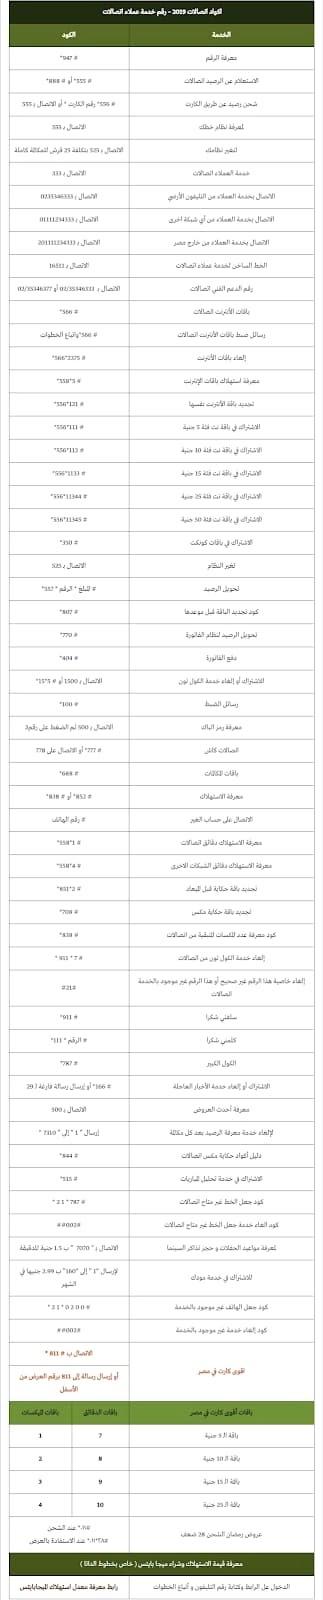 جميع اكواد شركة اتصالات لجميع العروض والخدمات 2021